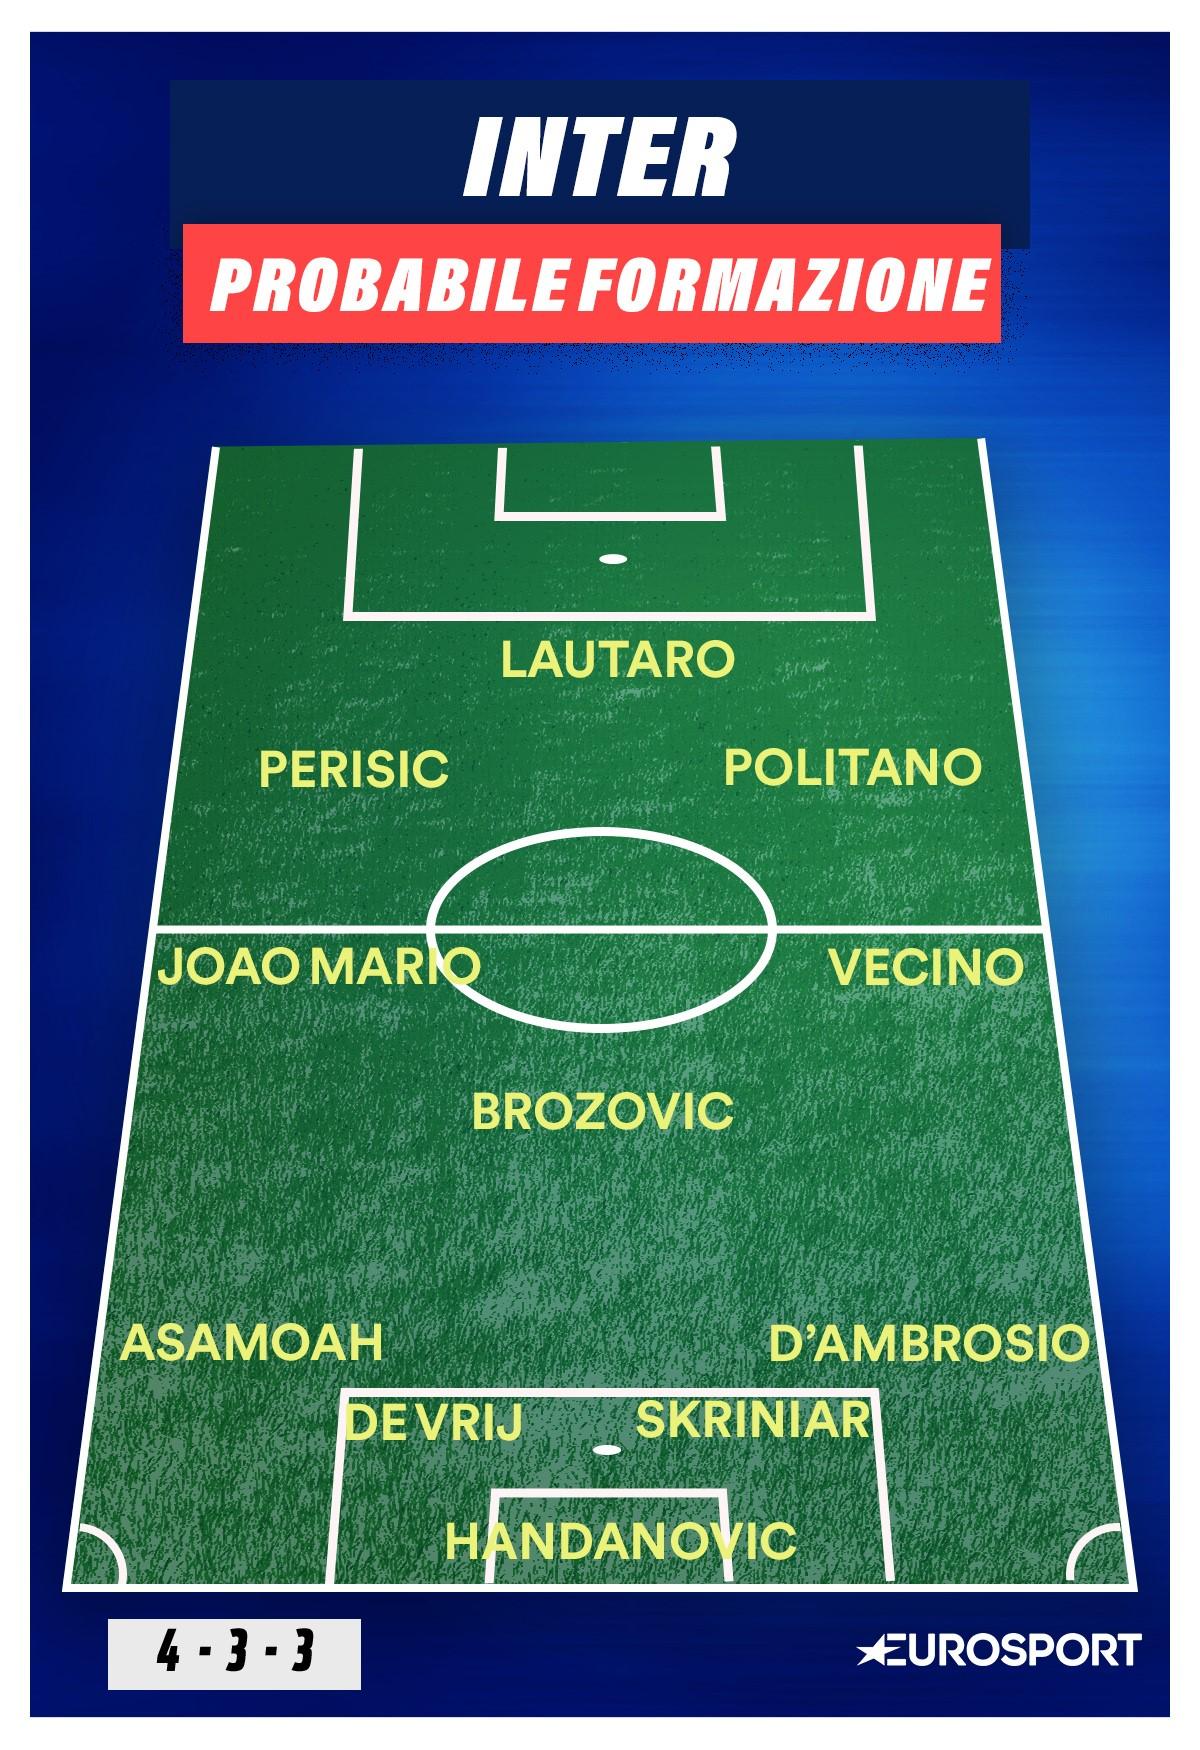 La probabile formazione dell'Inter, Getty Images